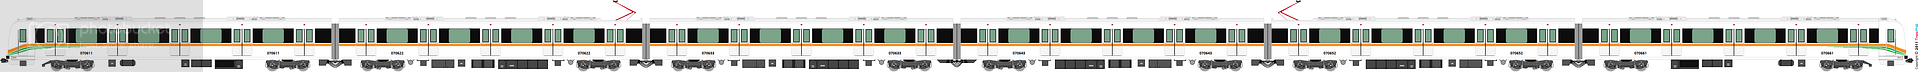 鐵路列車 2277